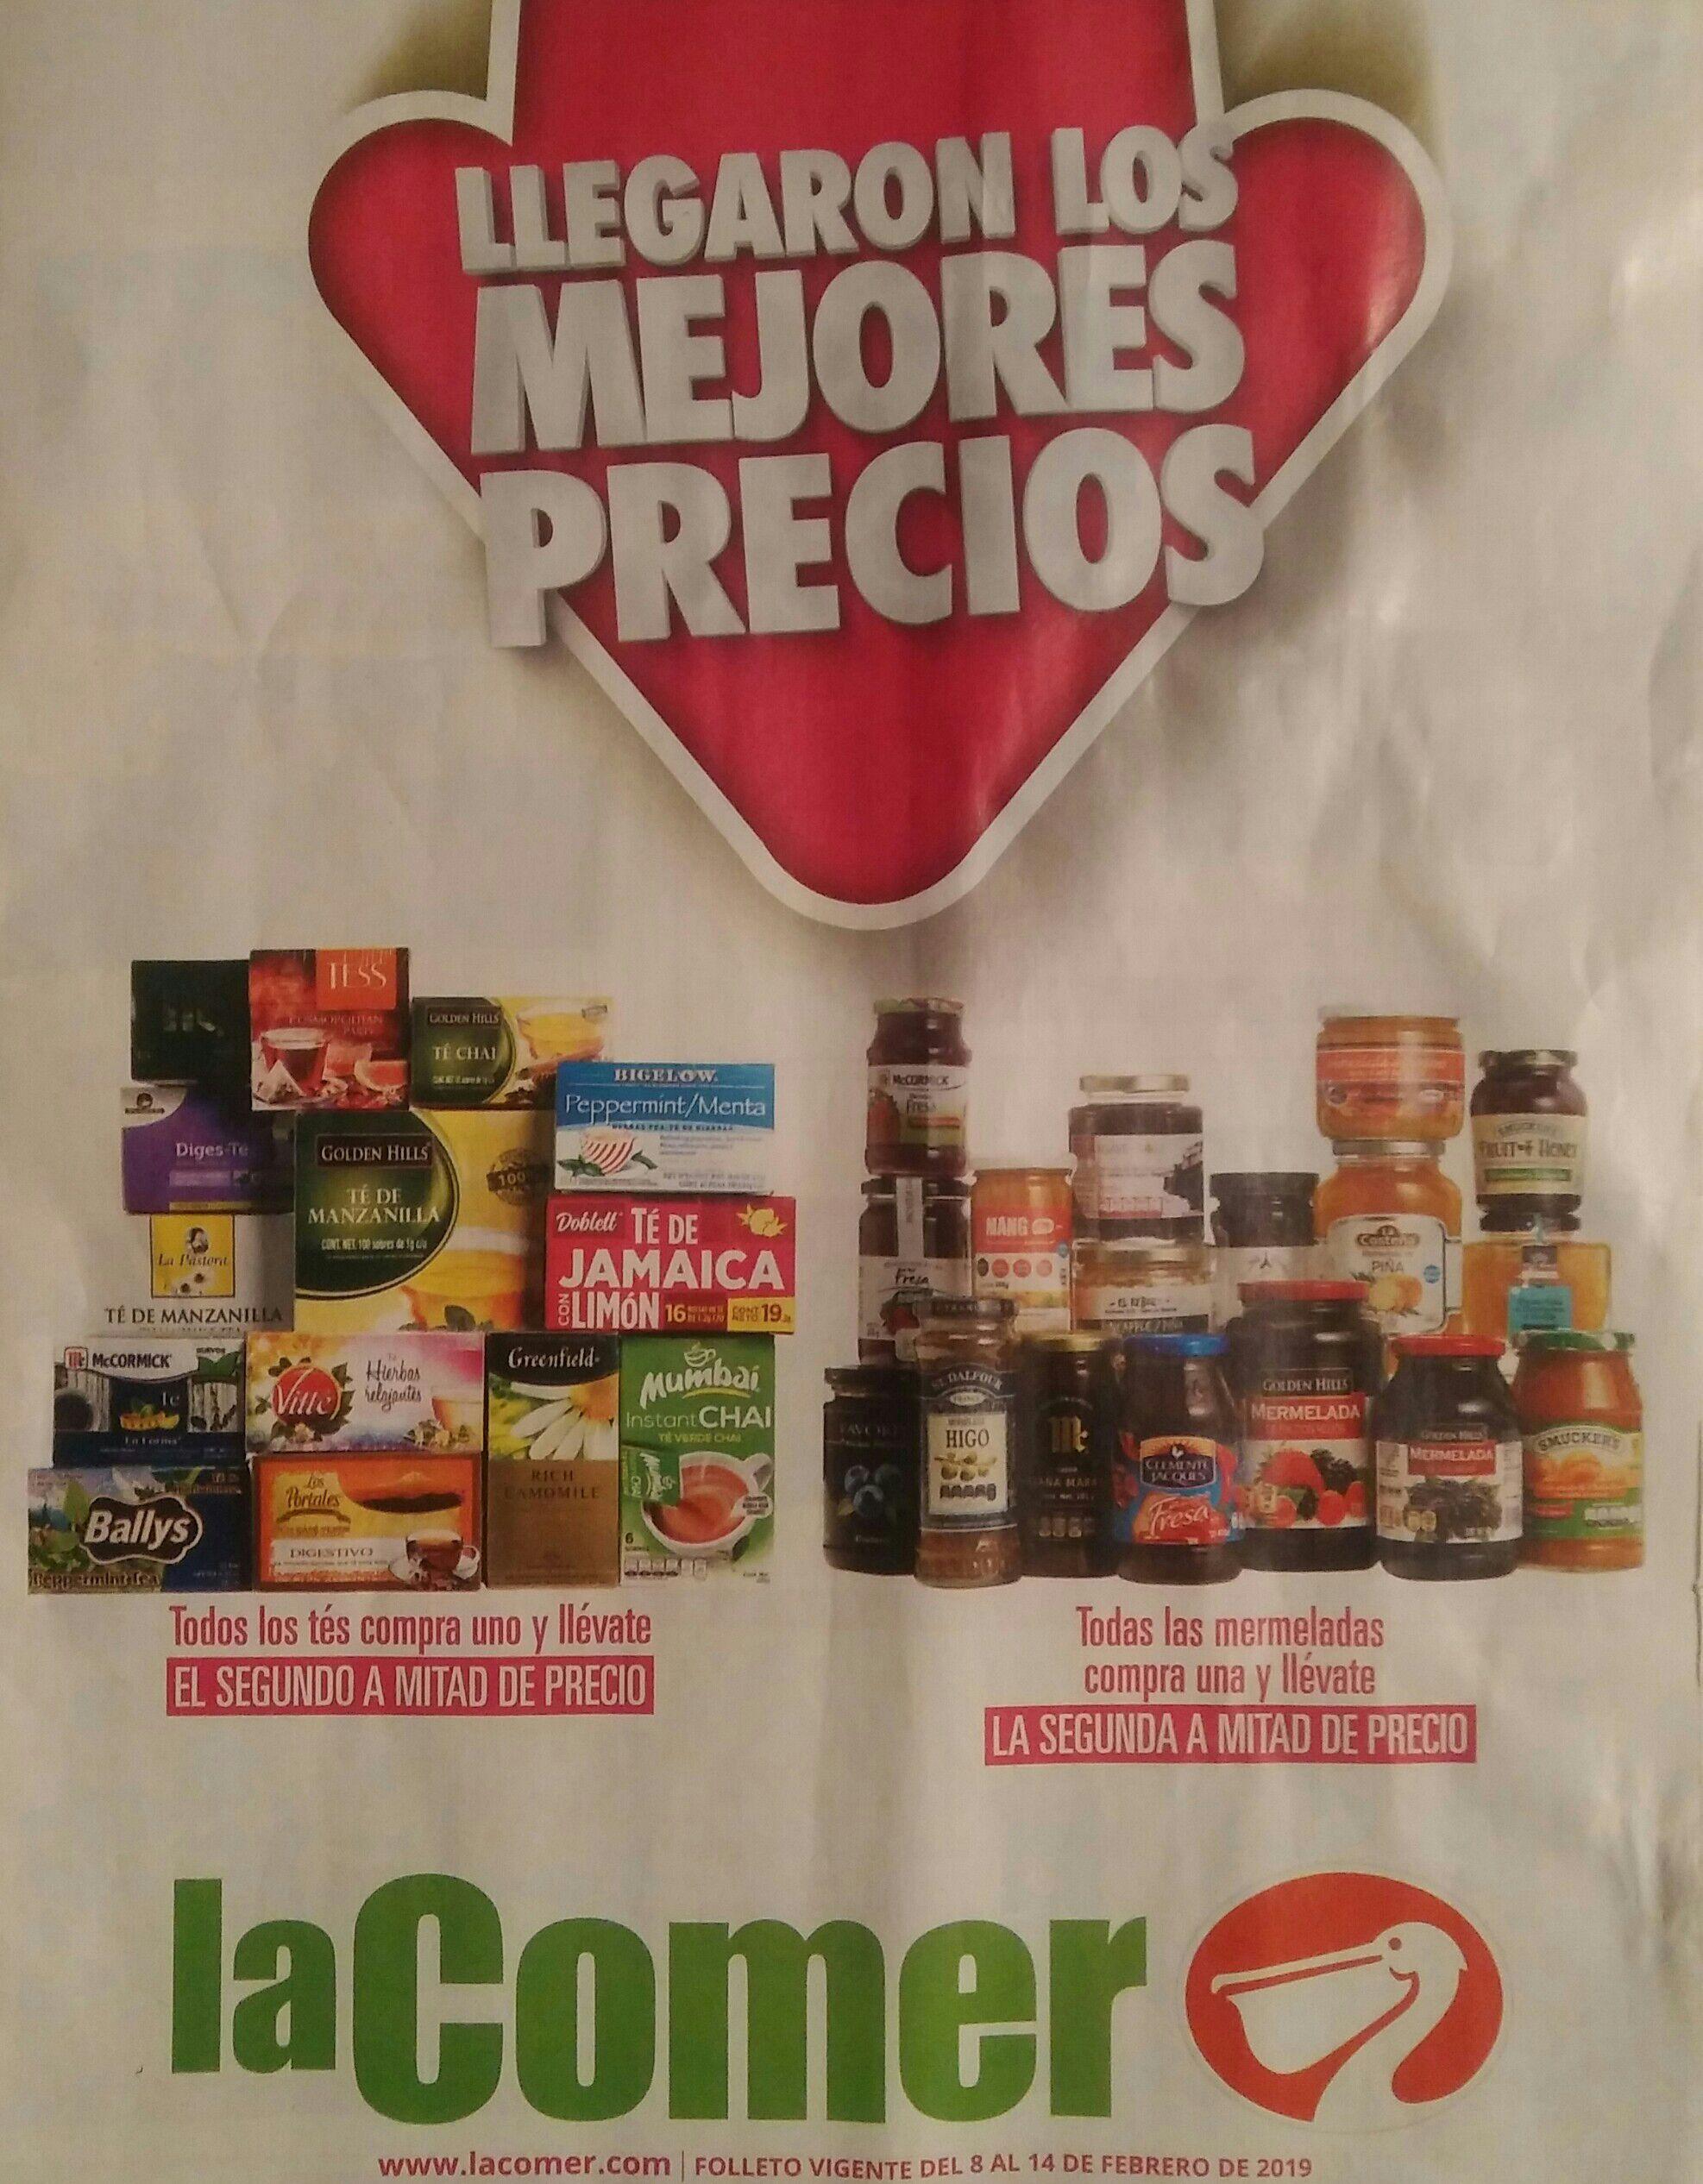 La Comer: Folleto de Ofertas de productos al 2 x 1½ del Viernes 8 al Jueves 14 de Febrero